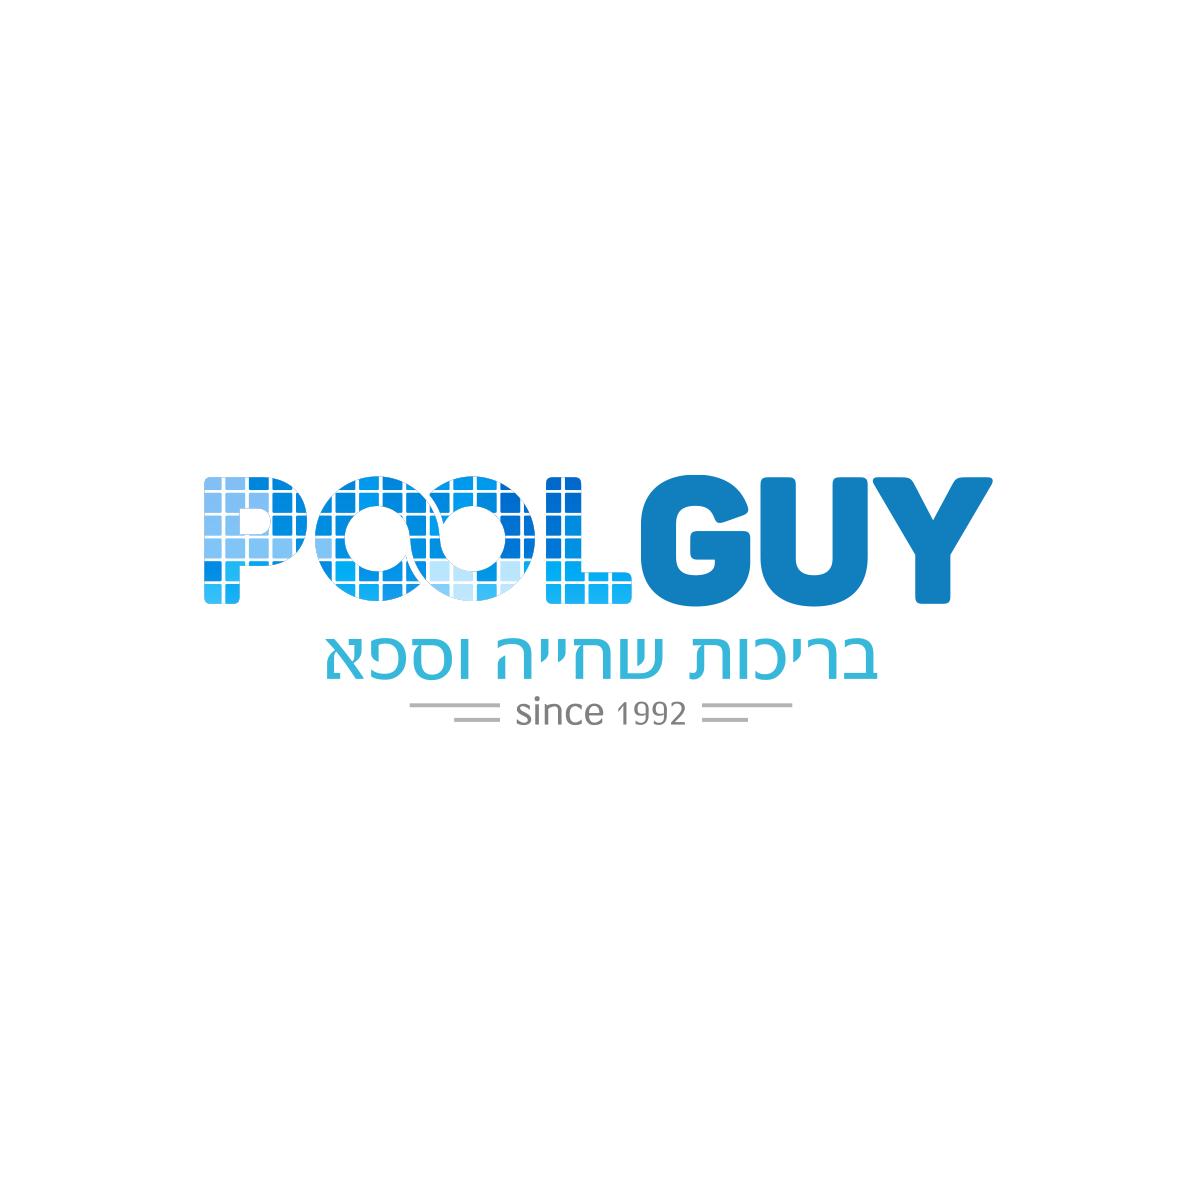 עיצוב לוגו לחברת בריכות